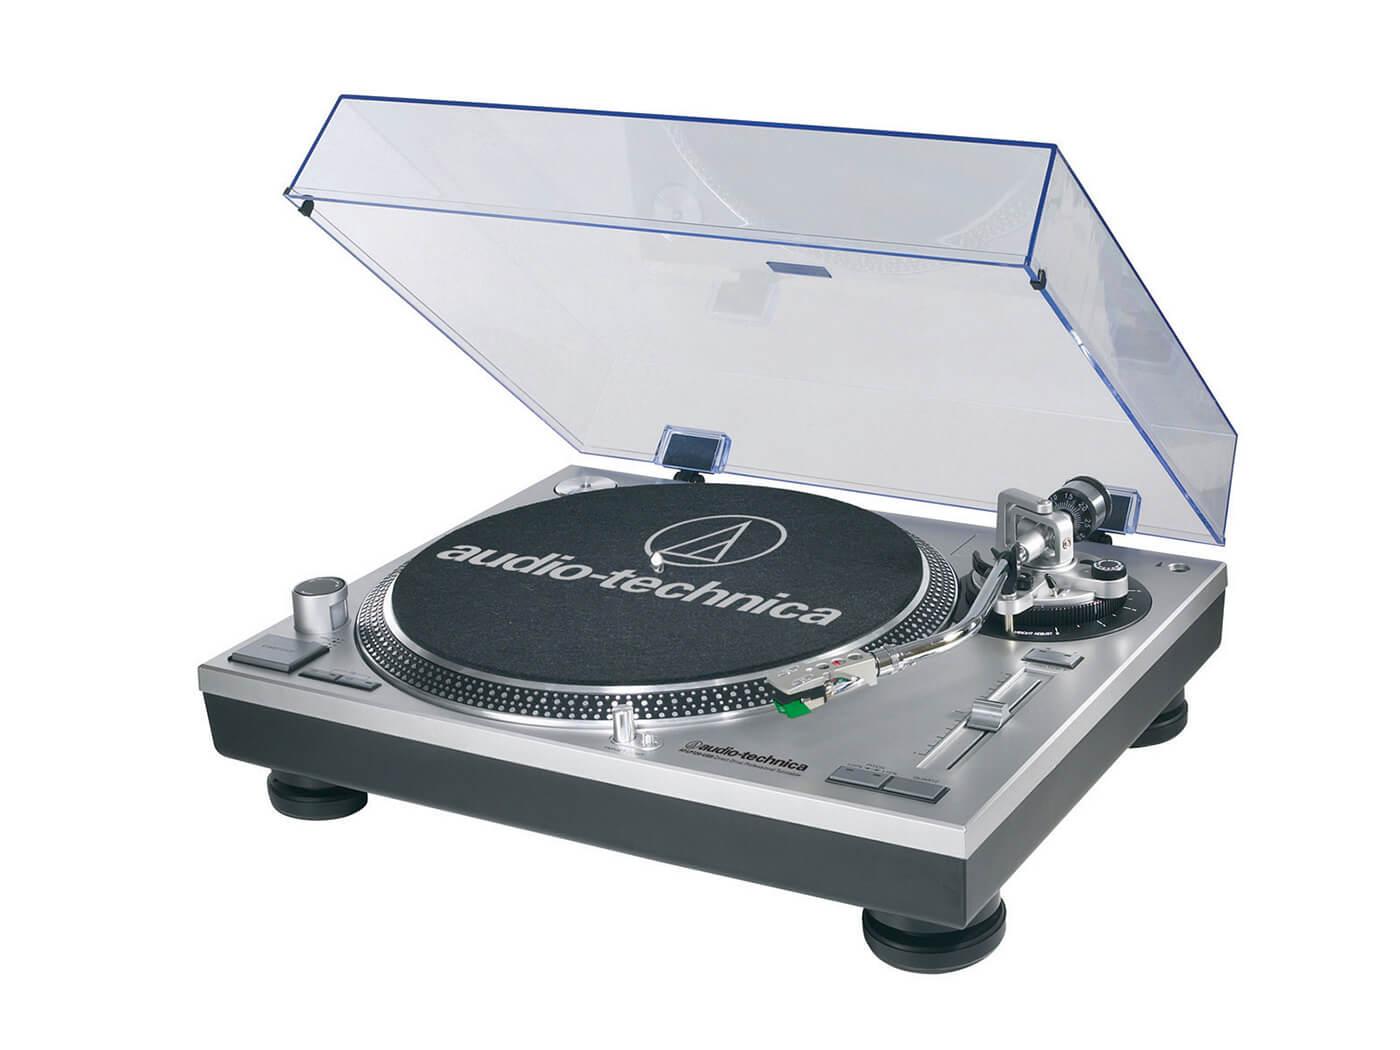 Six best budget DJ turntables under $300 - MusicTech